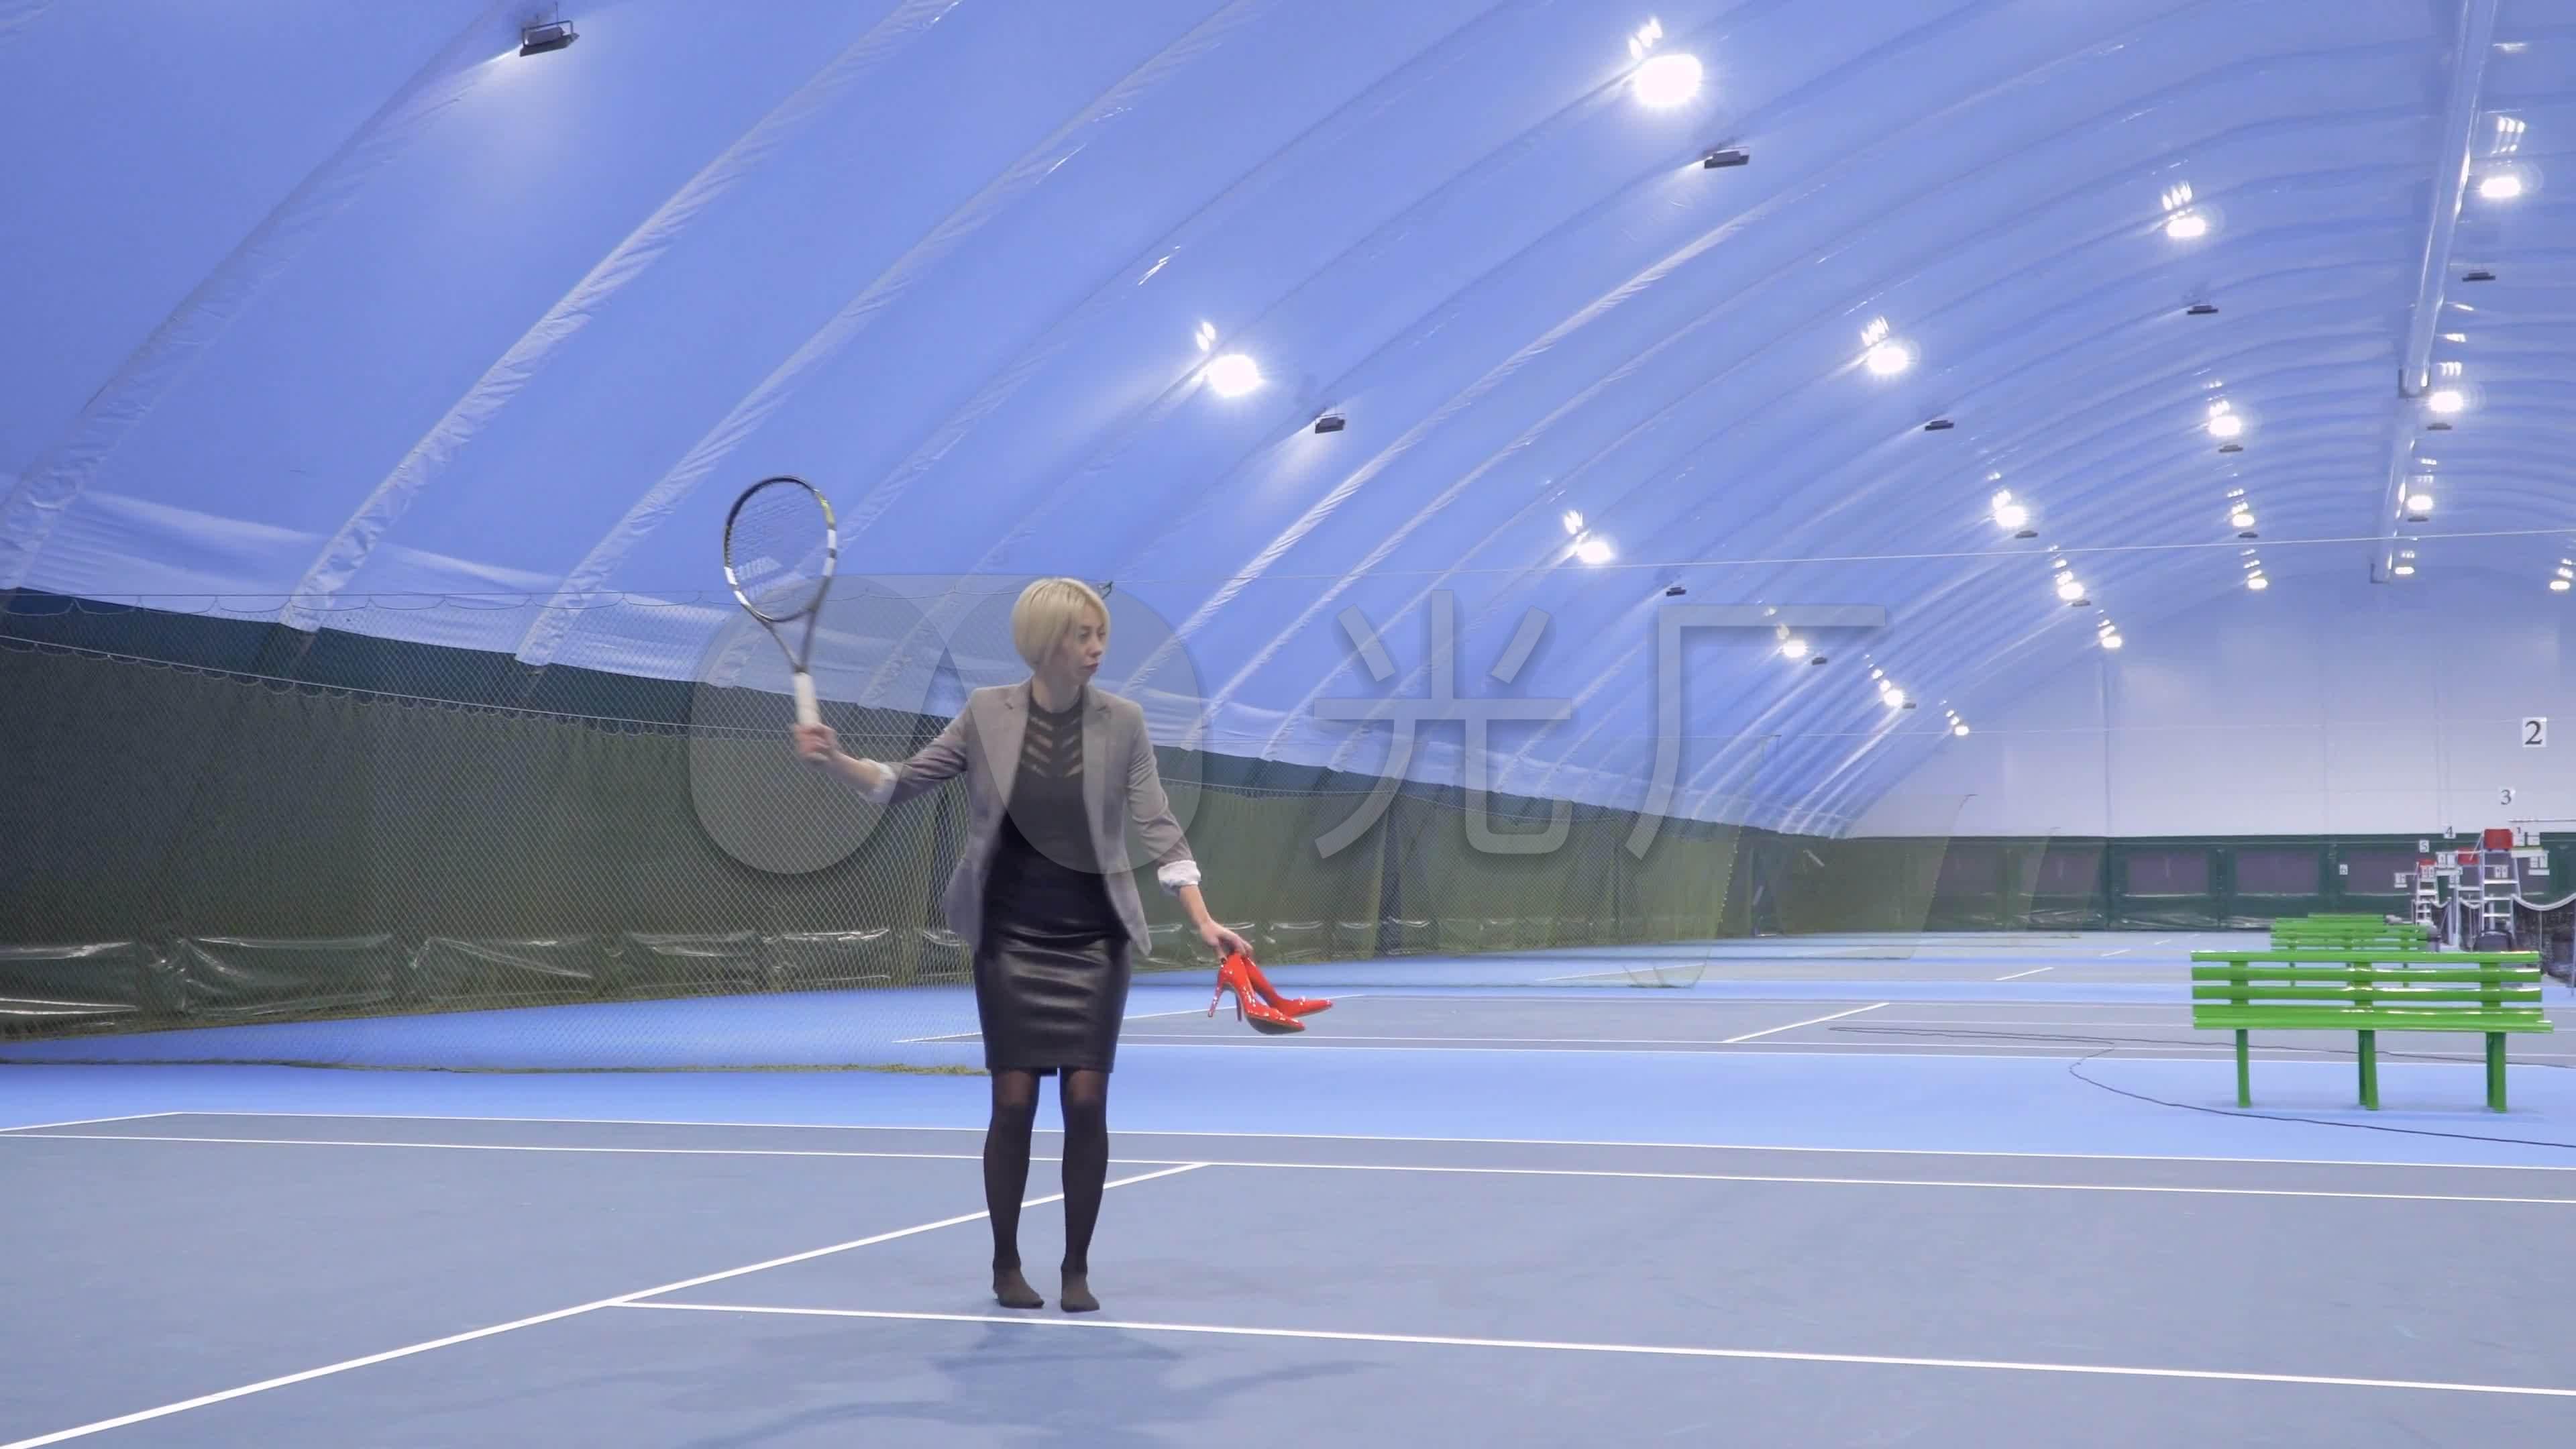 打网球运动装备v网球体育网球_3840X2160_高摩托车4L图片